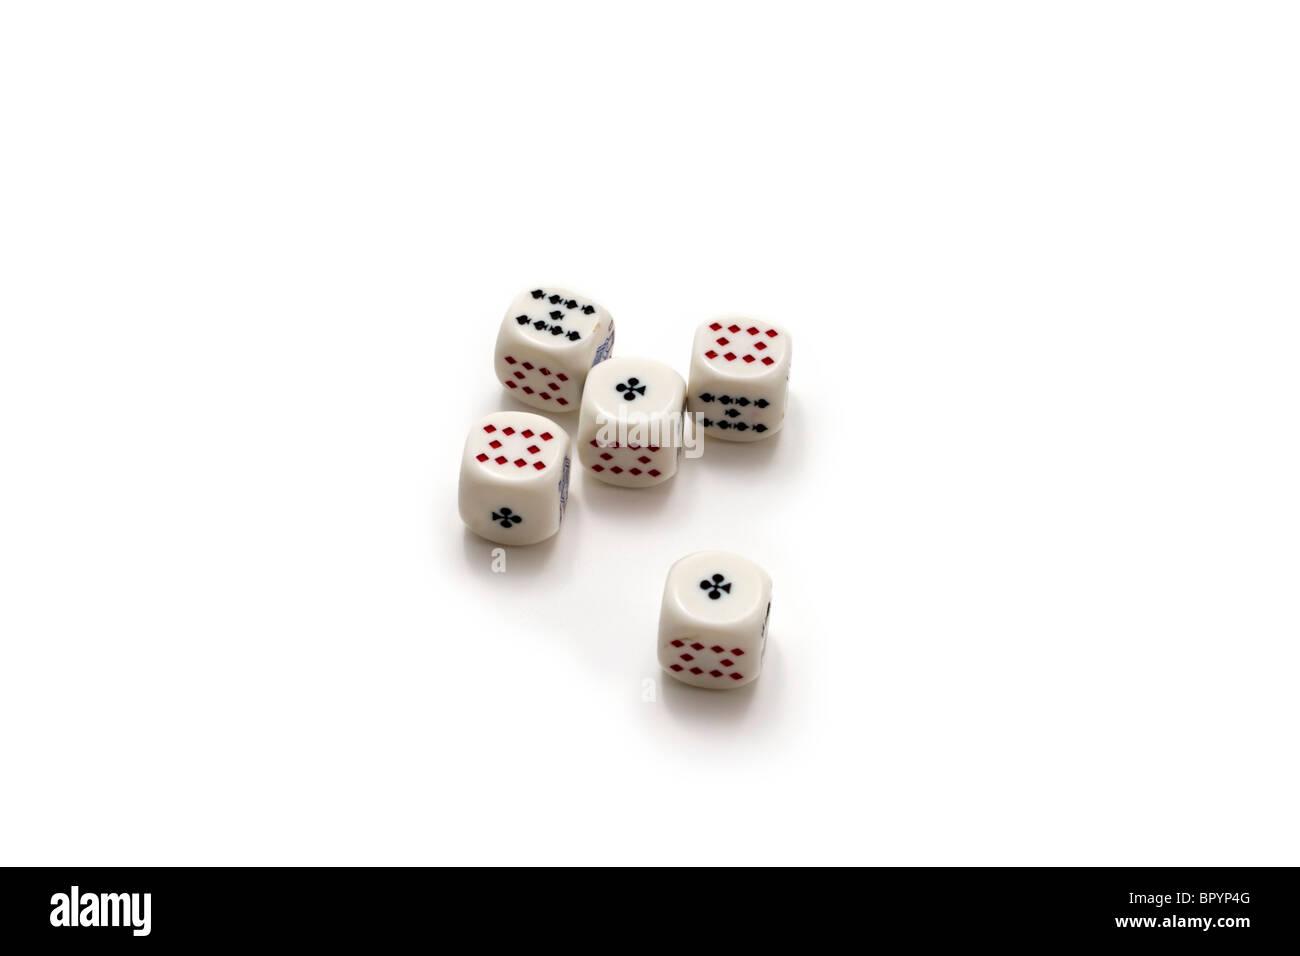 Five gambling dice - Stock Image